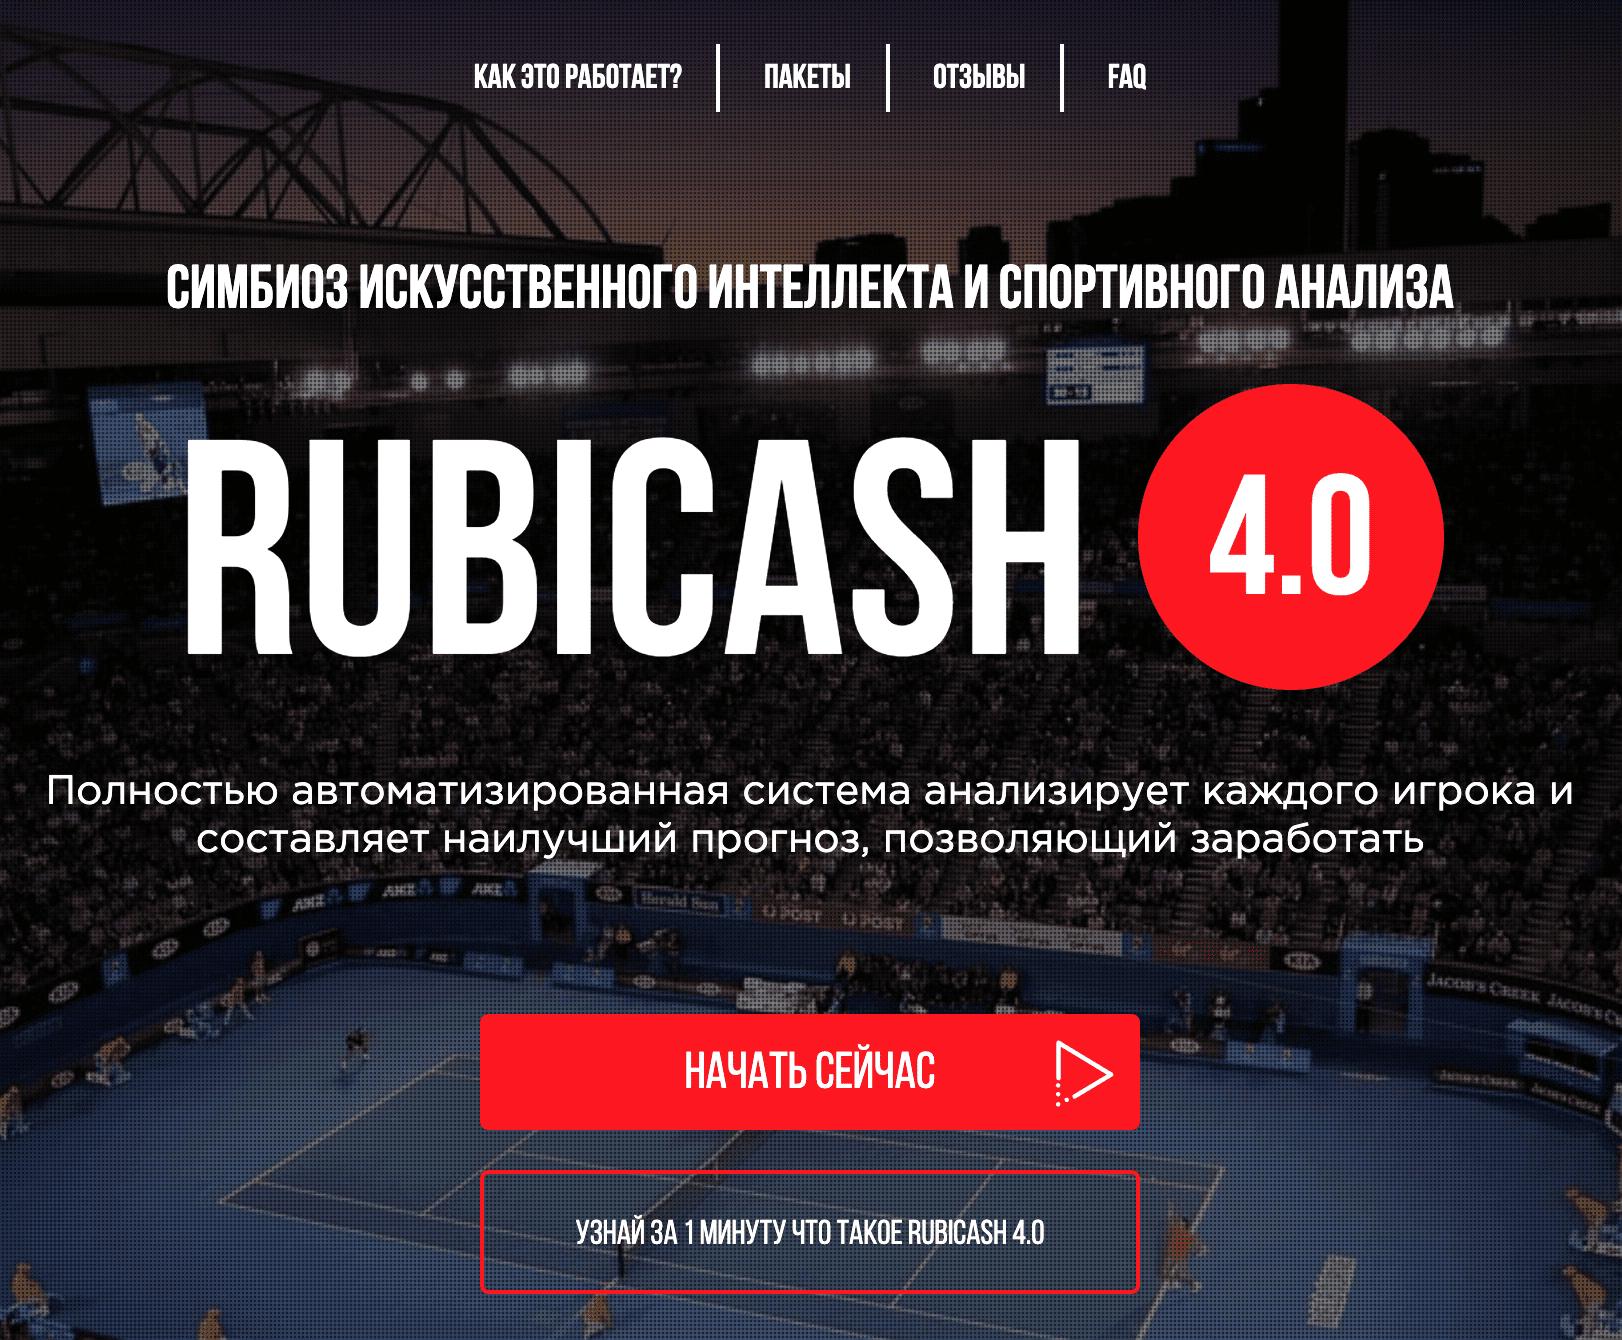 Главная страница сайта Rubi cash(Руби кэш)